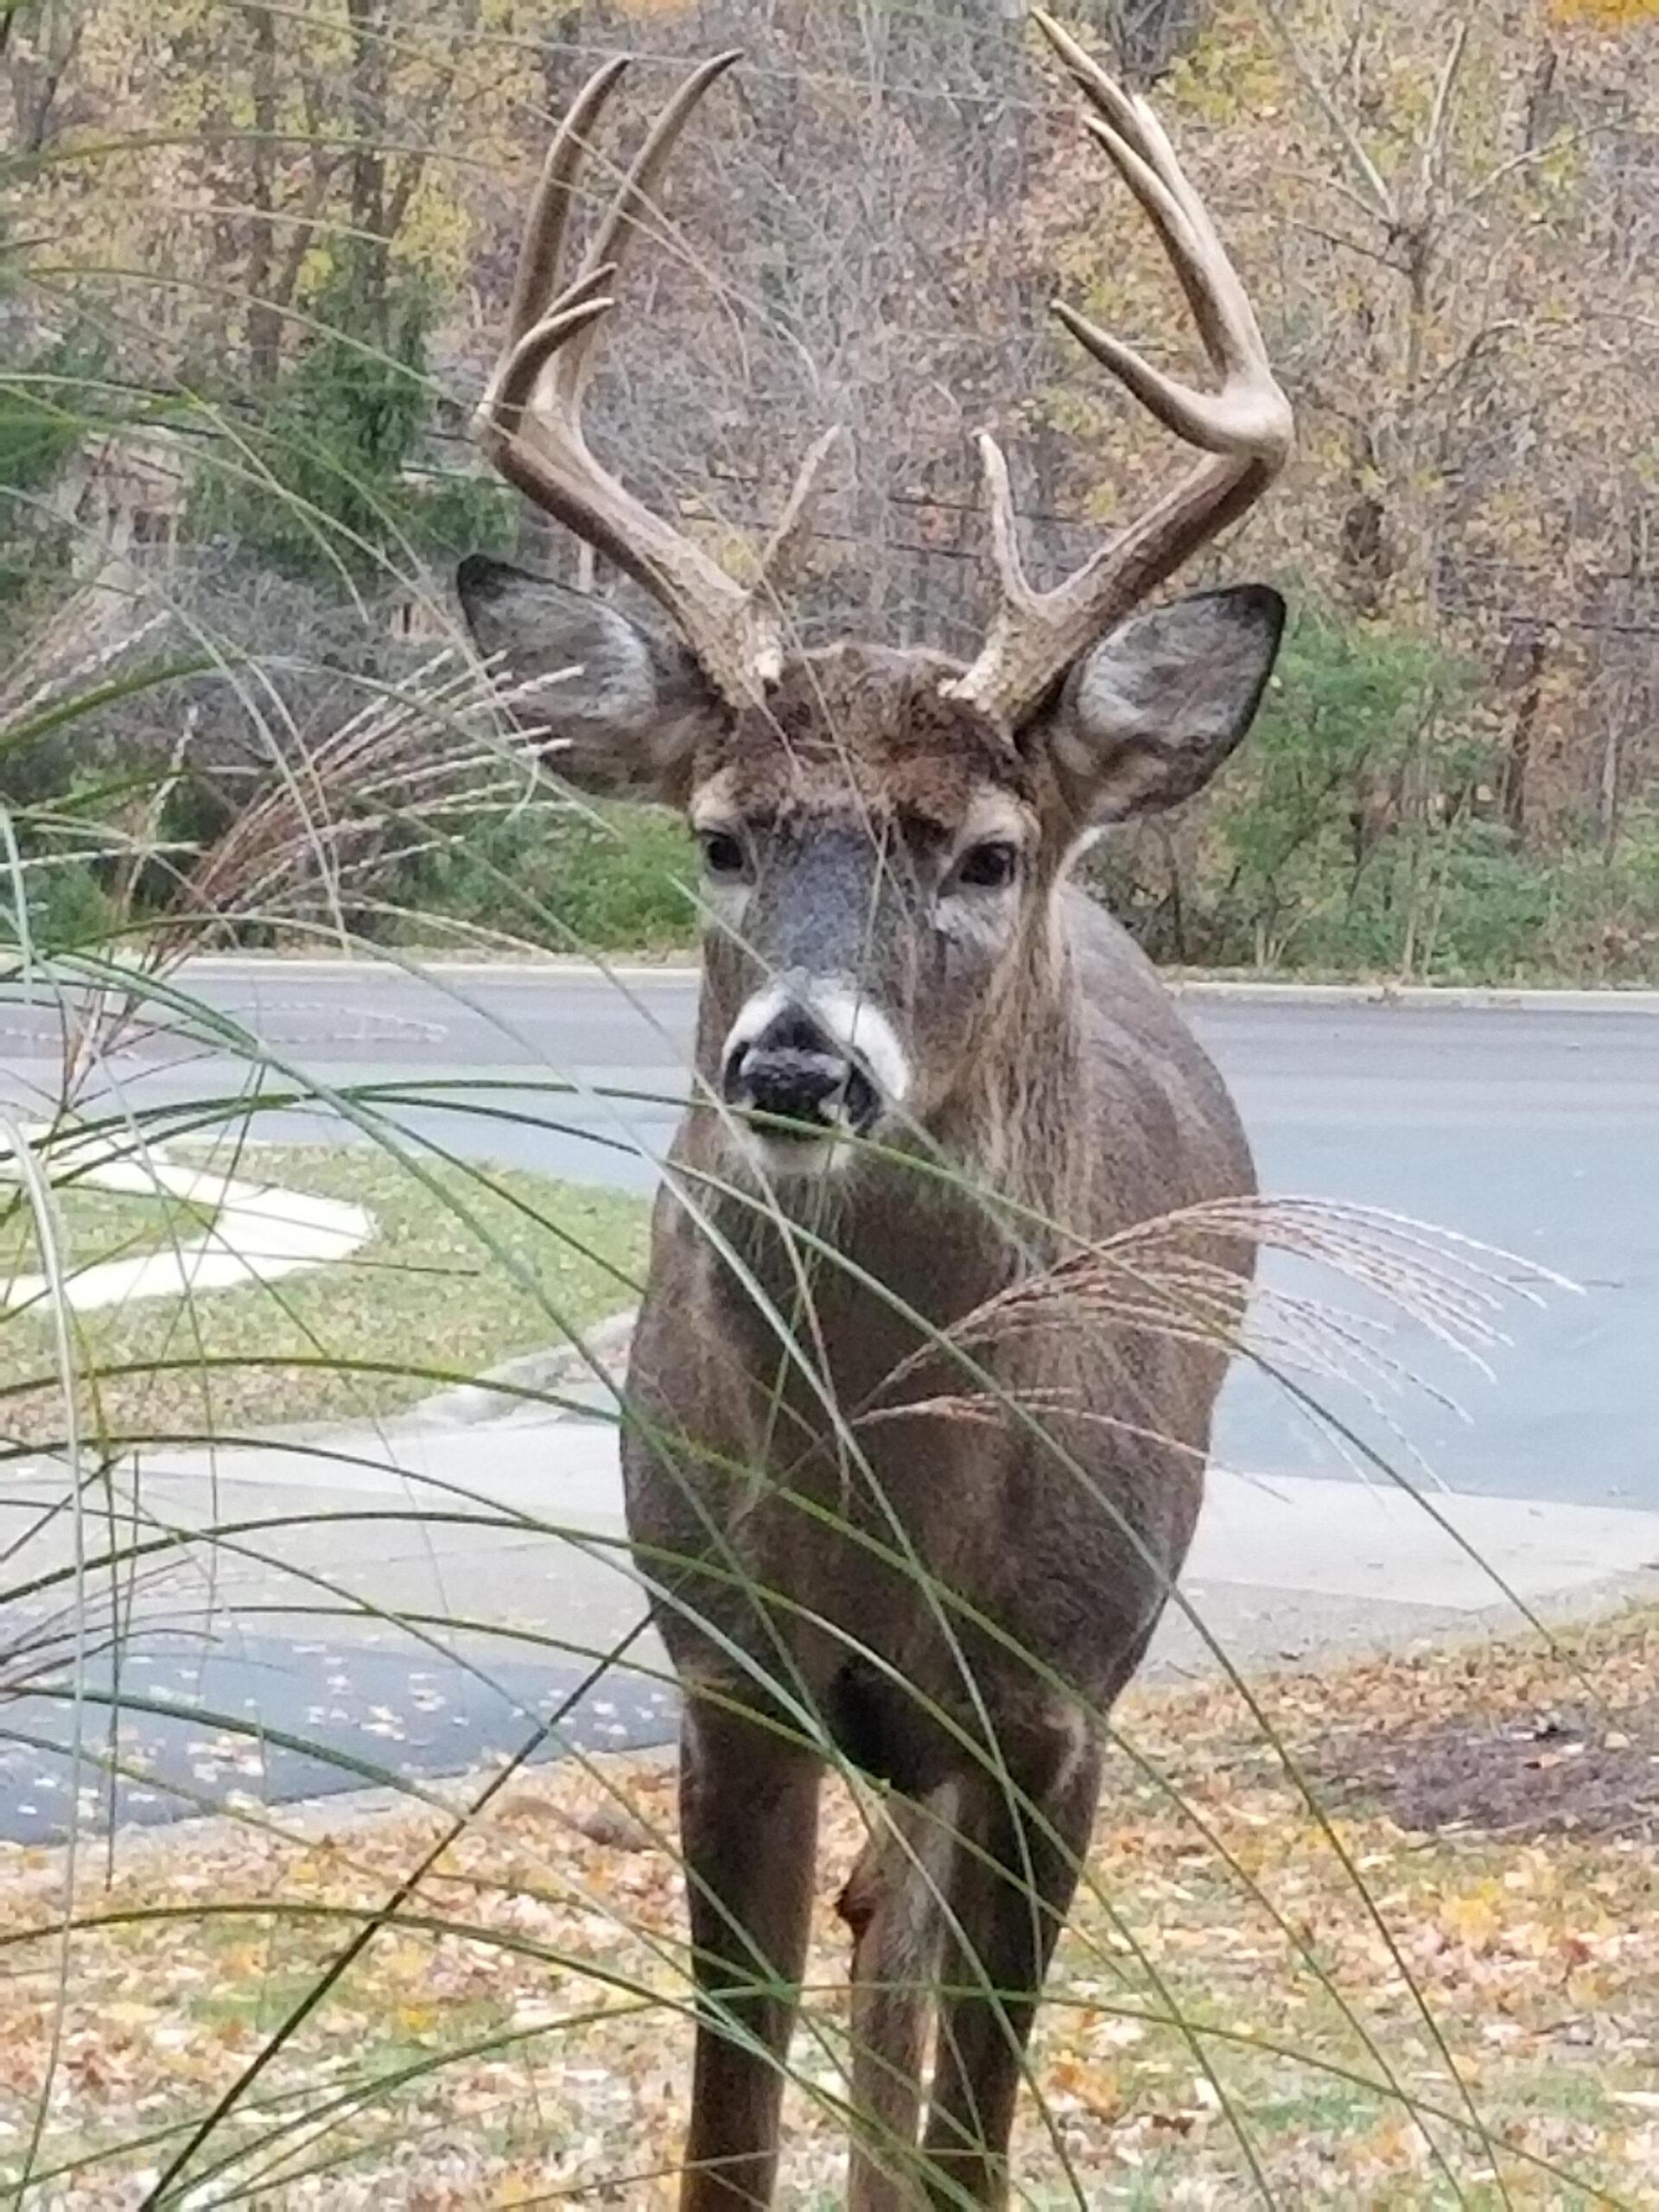 Indiana City Deer. Rut Is On - Album On Imgur